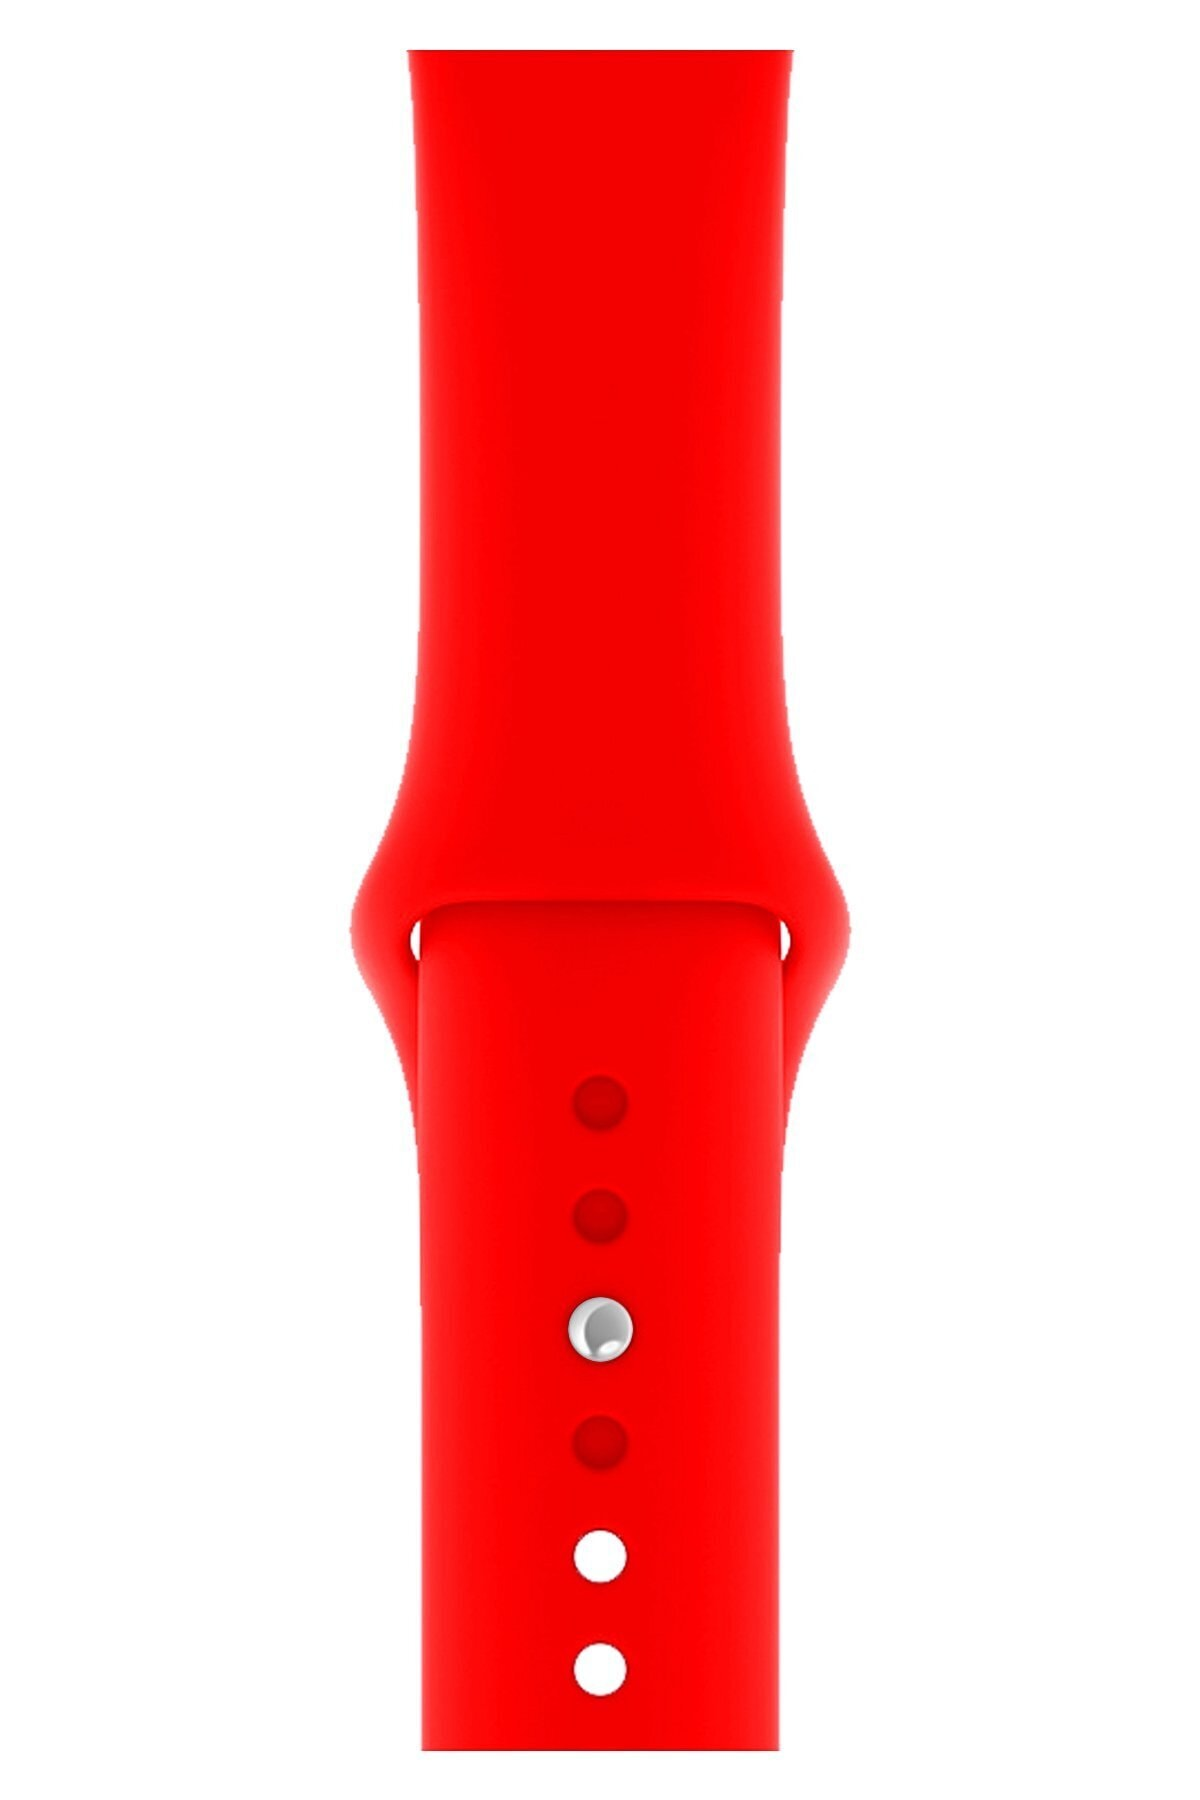 Watch 2 3 4 5 6 Se Nike 42mm 44mm Uyumlu Kordon Kayış Bileklik Klasik Kaliteli Spor Silikon Band